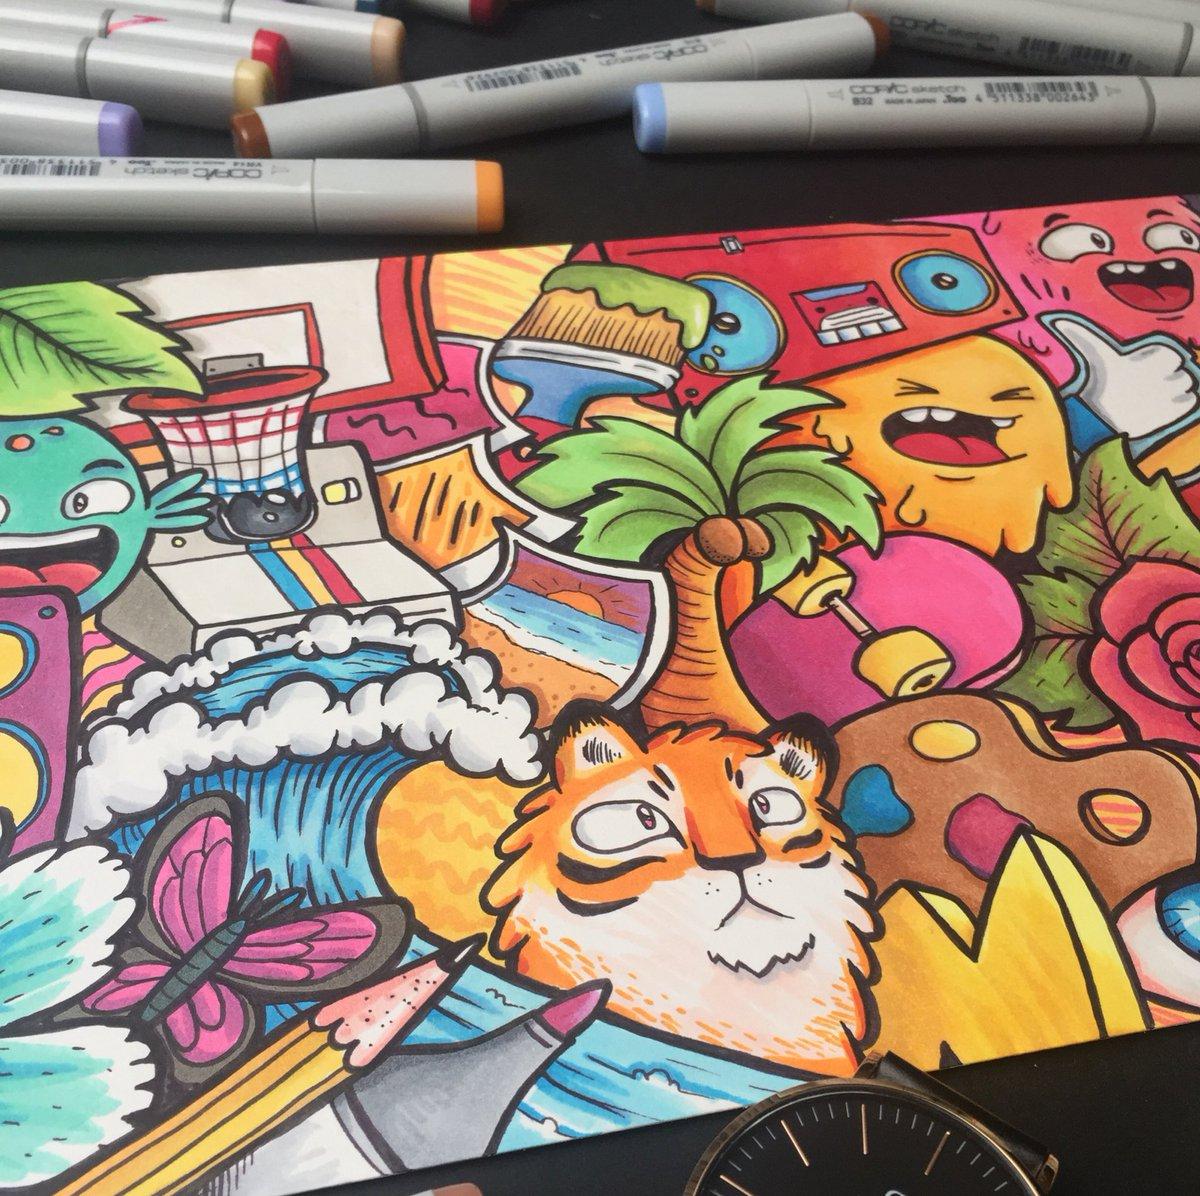 vexx doodles